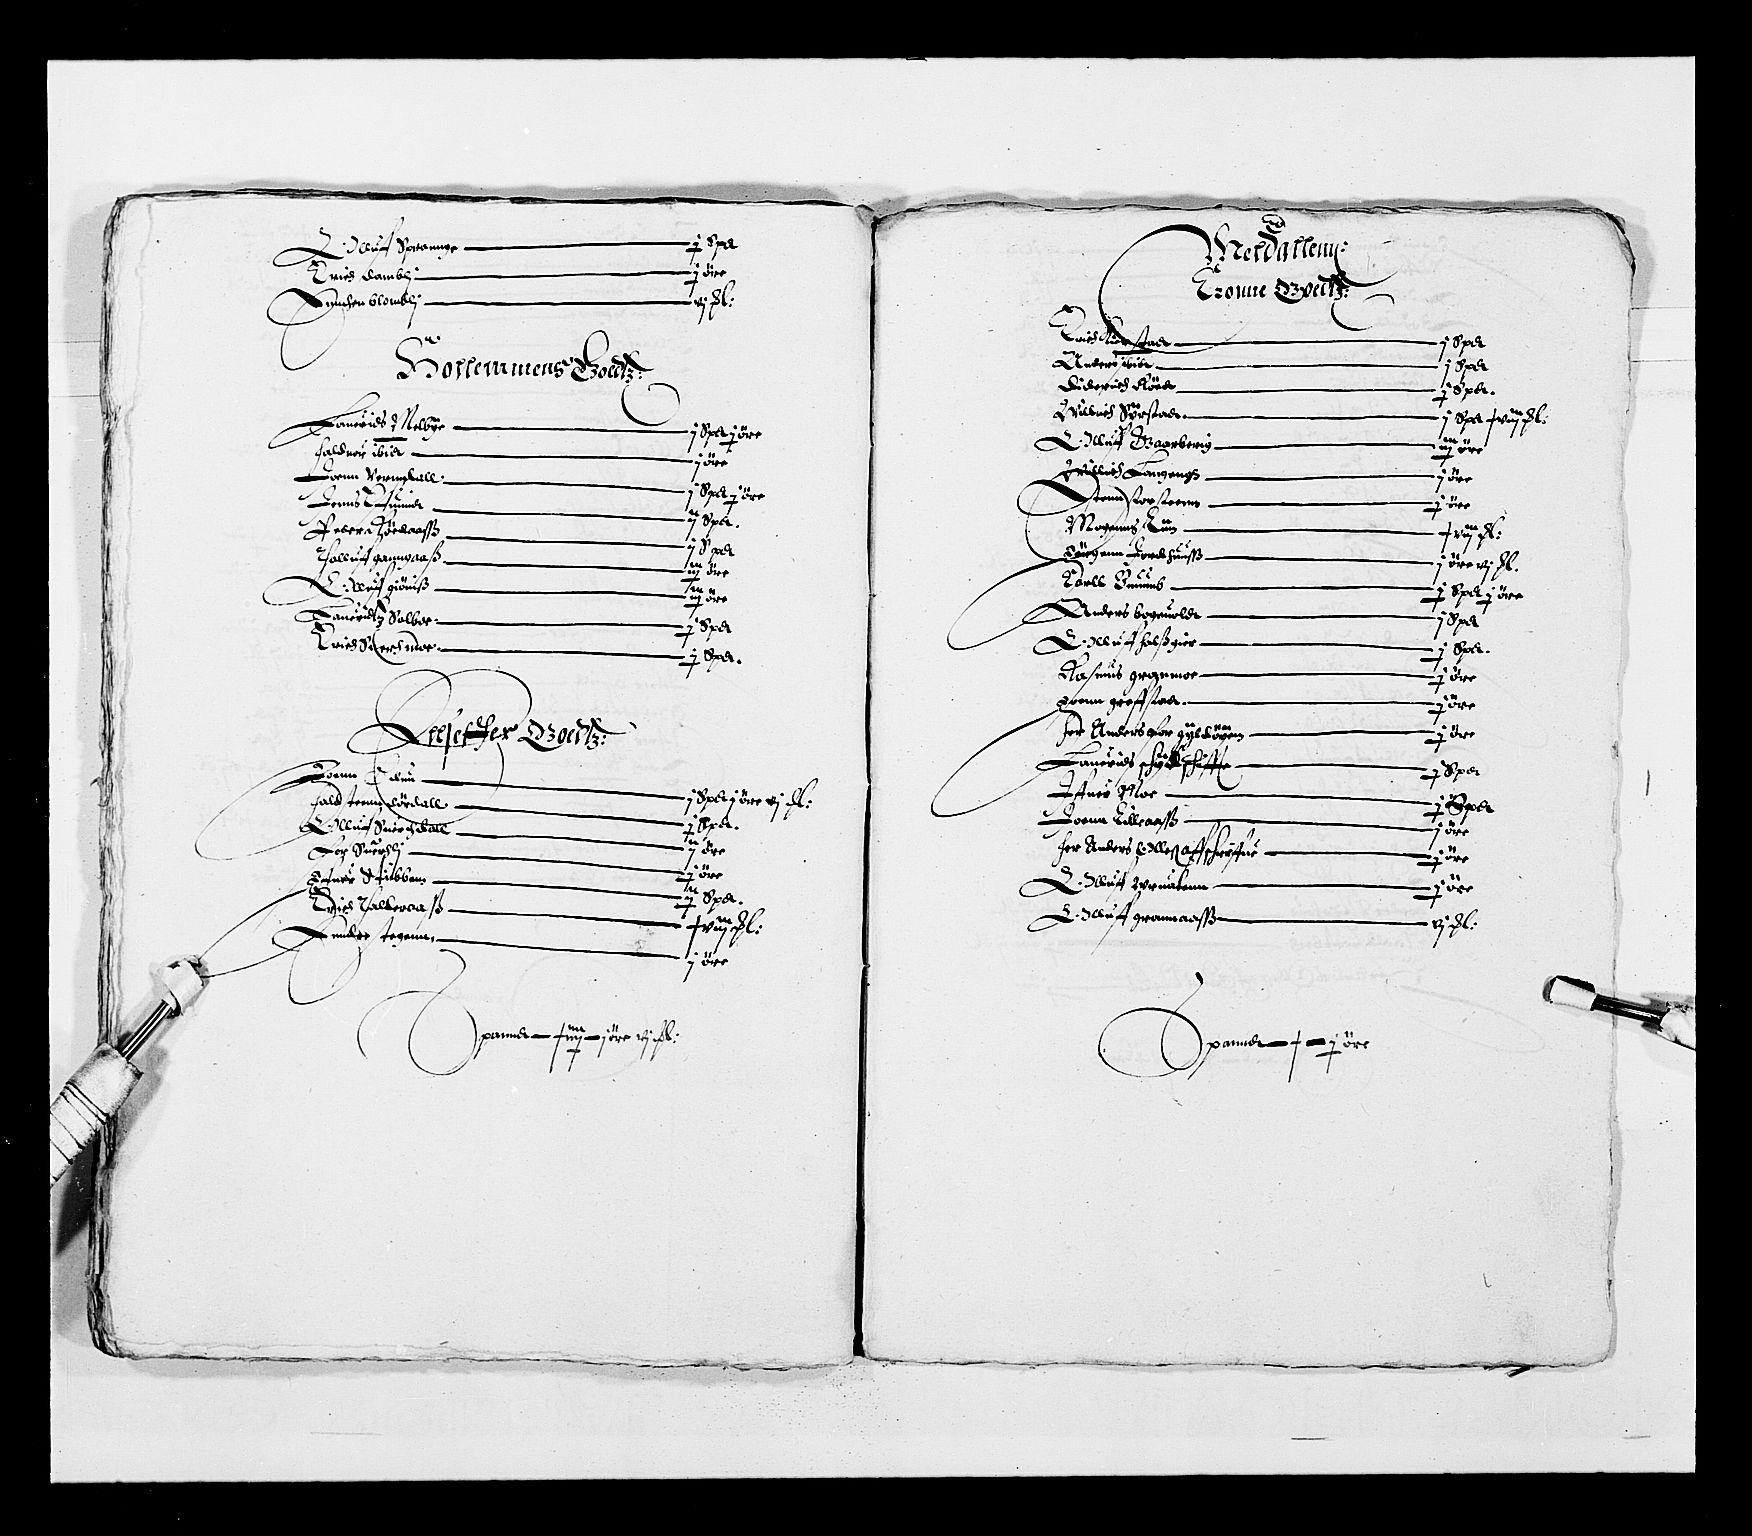 RA, Stattholderembetet 1572-1771, Ek/L0028: Jordebøker 1633-1658:, 1645-1646, s. 197